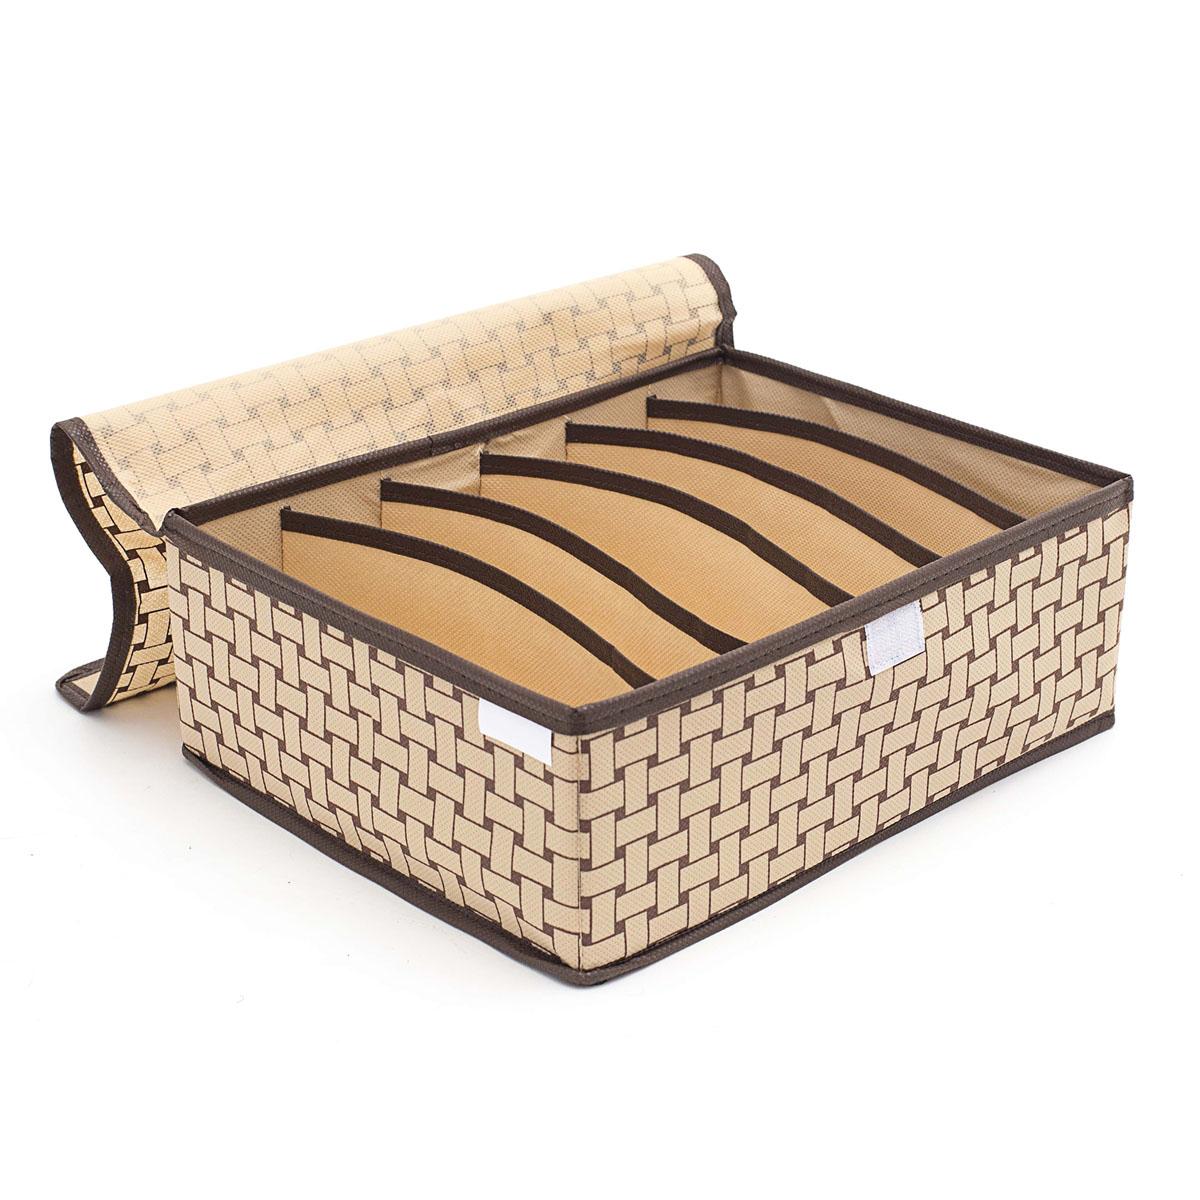 Органайзер для хранения вещей Homsu Pletenka, с крышкой, 6 секций, 31 х 24 х 11 смHOM-304Компактный органайзер Homsu Pletenka изготовлен из высококачественного полиэстера, который обеспечивает естественную вентиляцию. Материал позволяет воздуху свободно проникать внутрь, но не пропускает пыль. Органайзер отлично держит форму, благодаря вставкам из плотного картона. Изделие имеет 6 квадратных секций для хранения нижнего белья, колготок, носков и другой одежды. Закрывается крышкой на молнии. Такой органайзер позволит вам хранить вещи компактно и удобно, а оригинальный дизайн сделает вашу гардеробную красивой и невероятно стильной.